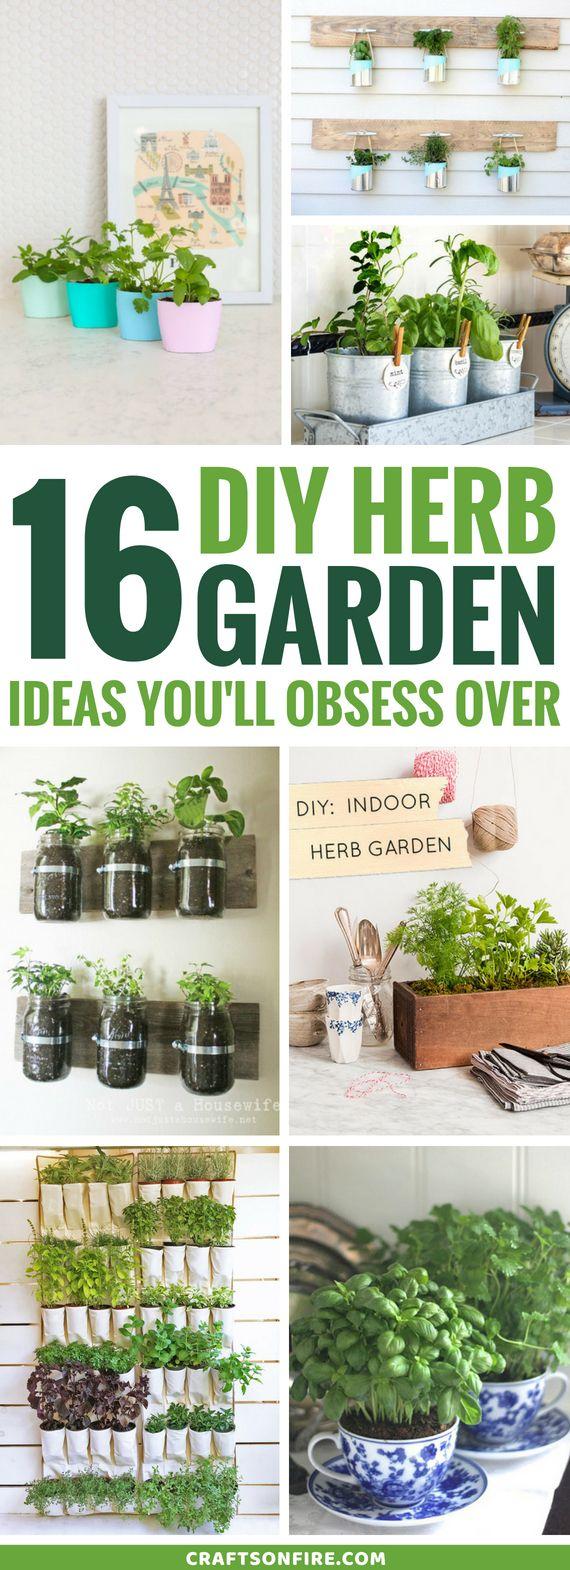 16 DIY Herb Garden Ideas Youu0027ll Obsess